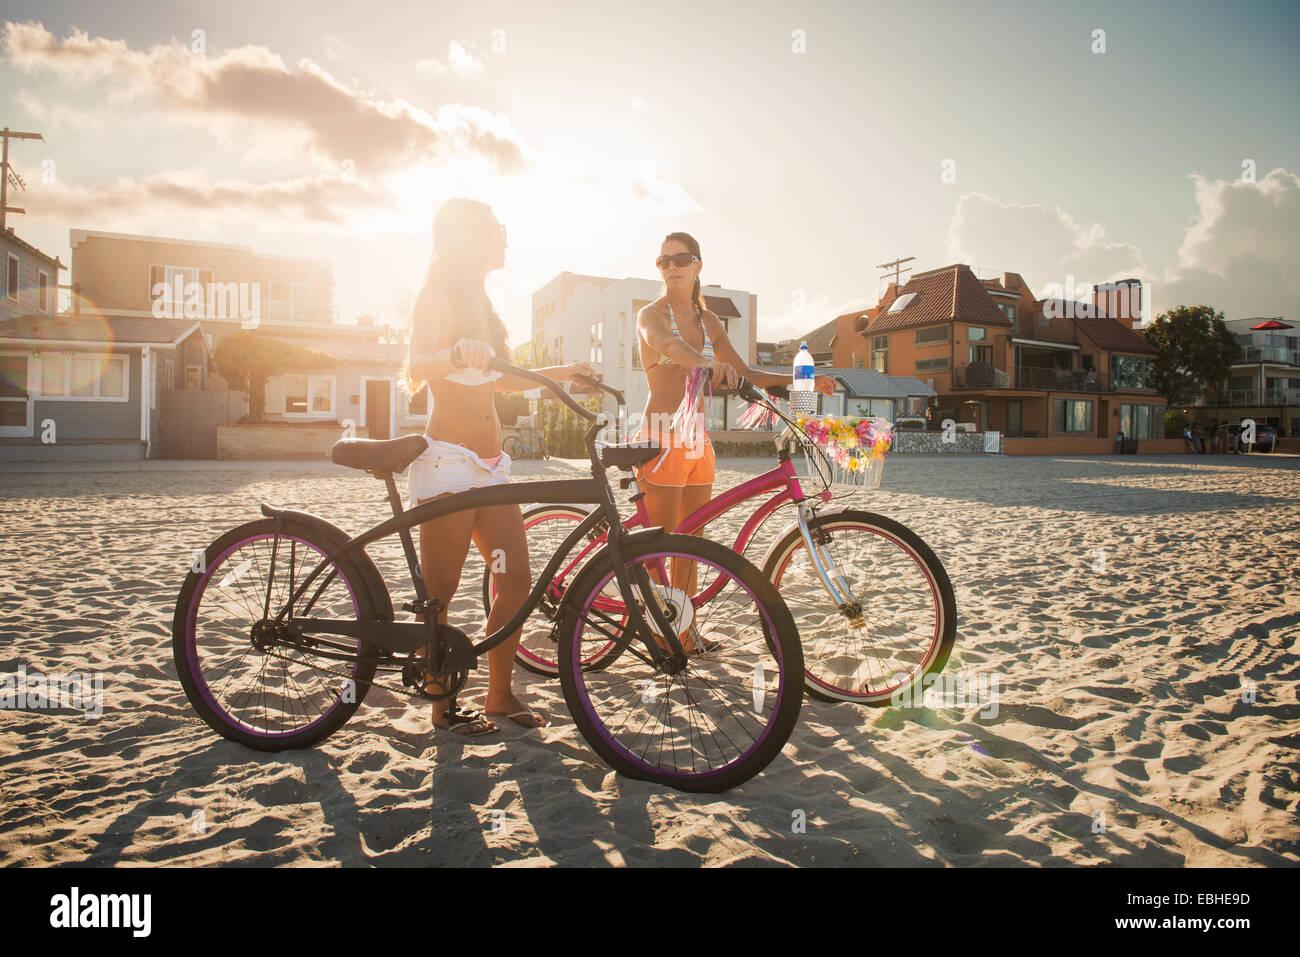 Dos mujeres ciclistas charlando sobre la playa, Mission Bay, San Diego, California, EE.UU. Imagen De Stock